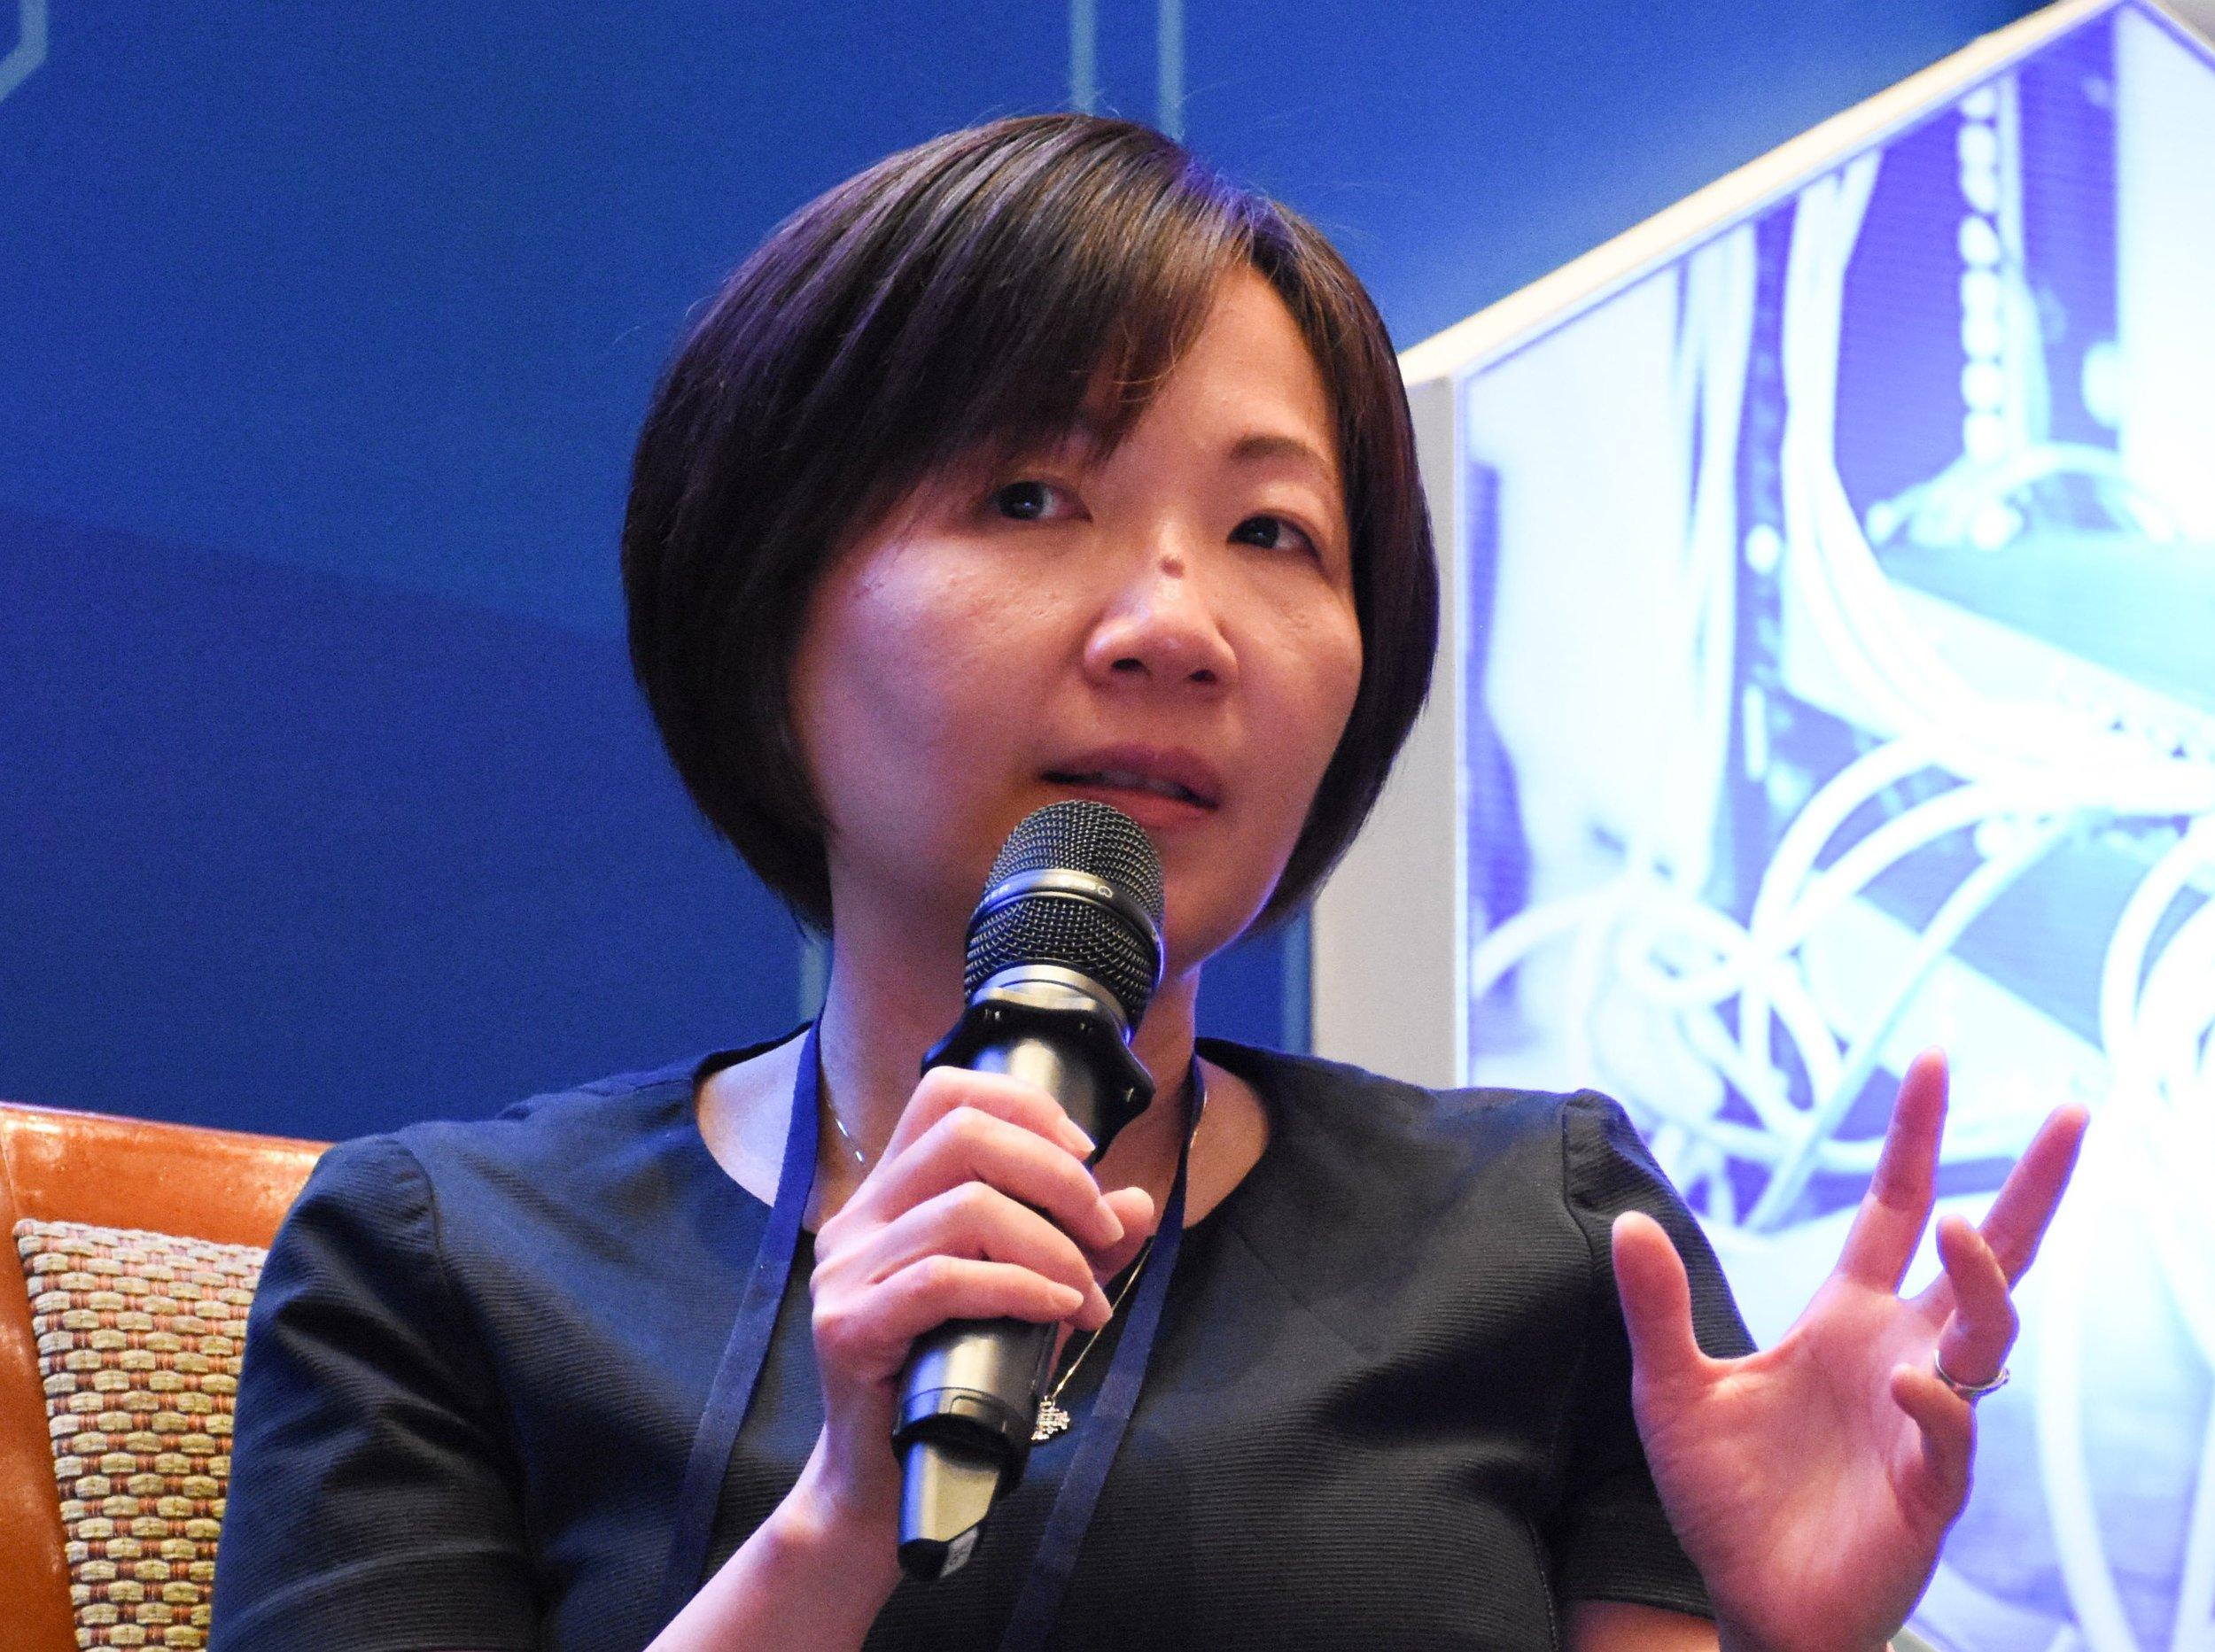 Lana Lim   Managing Director & Co-founder of Tempus Adventus